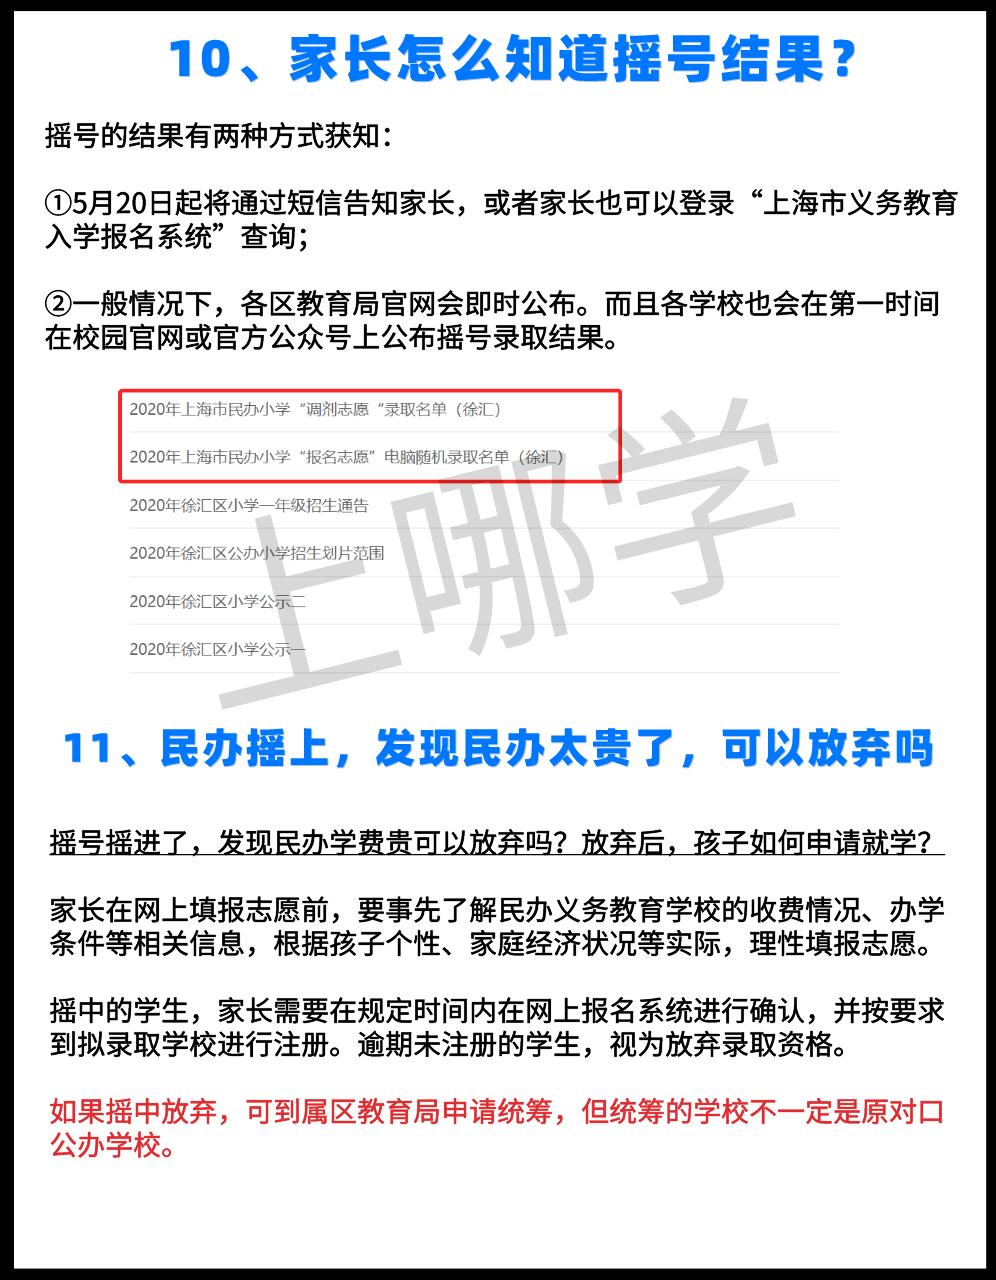 重磅!上海第一年民办超额摇号录取现状,这15个关键问题一定要知道!